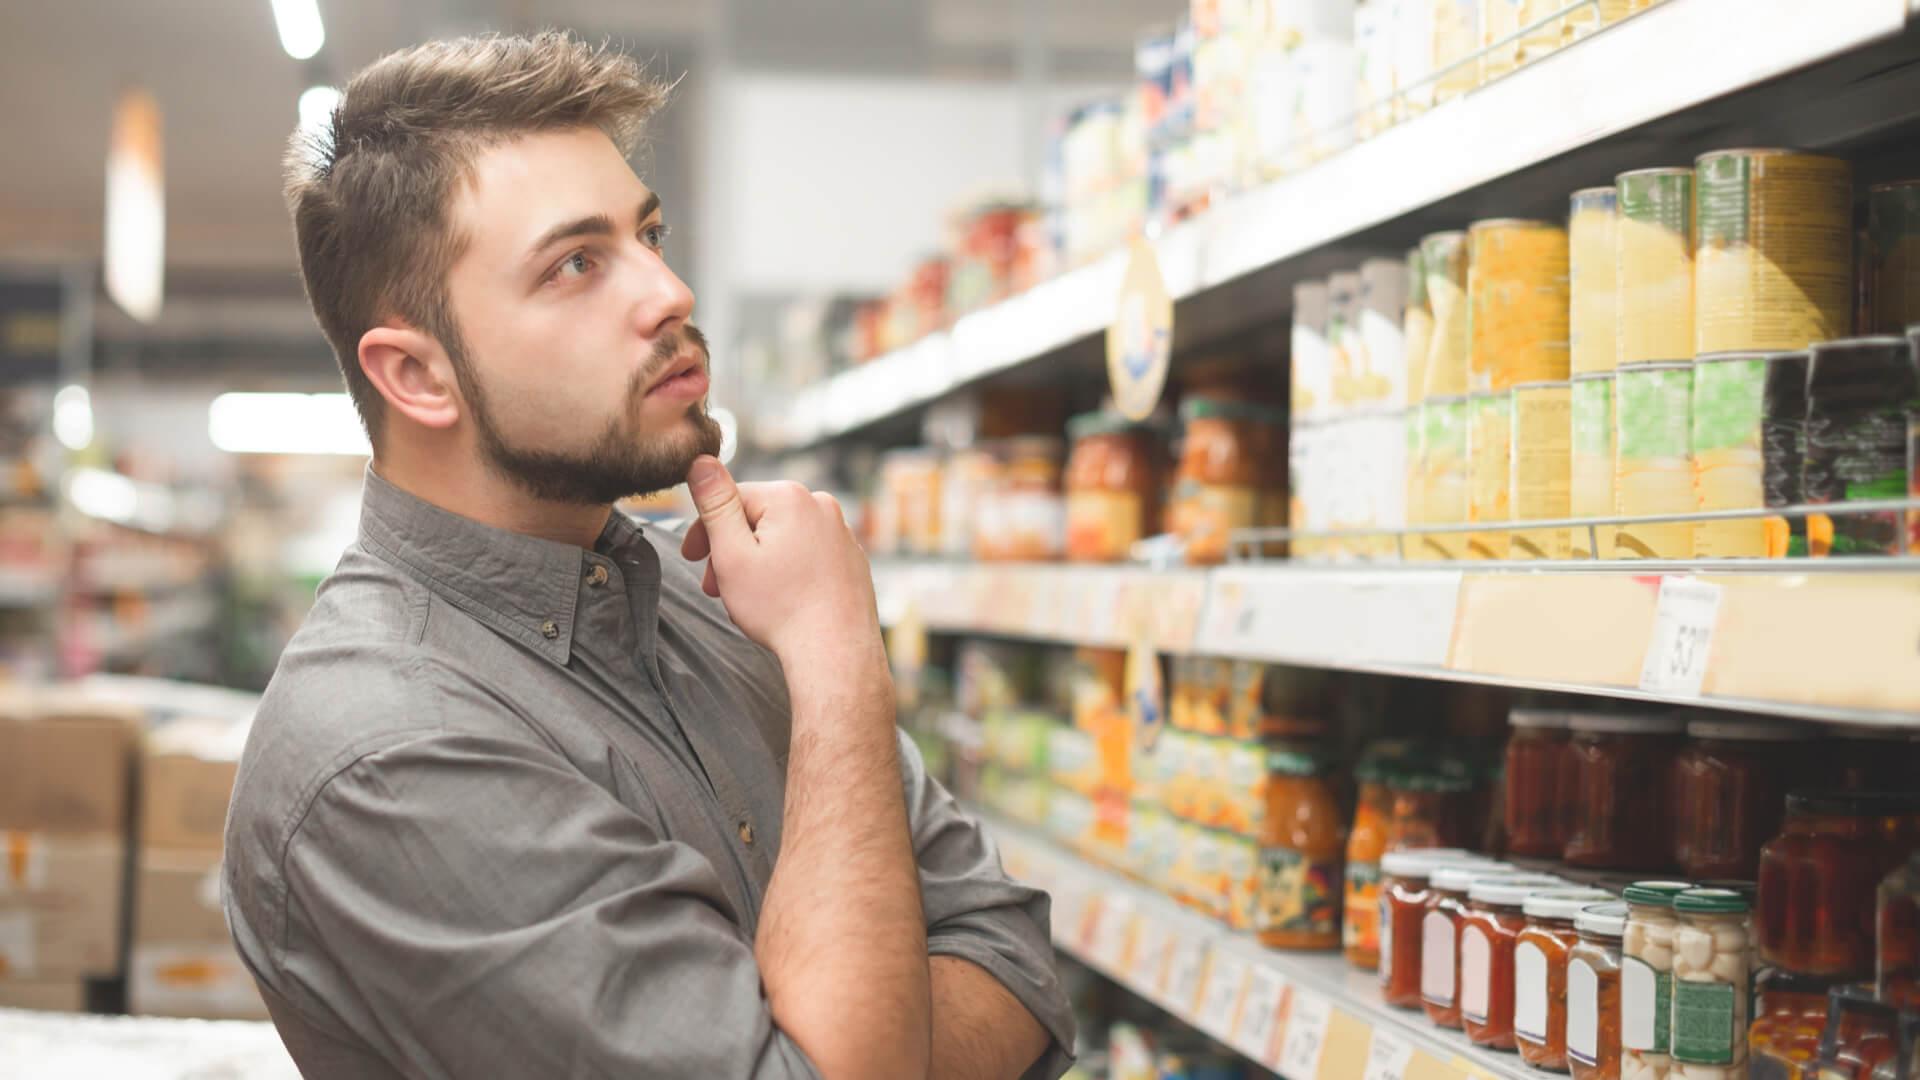 mand som er i tvivl om fødevaremærker